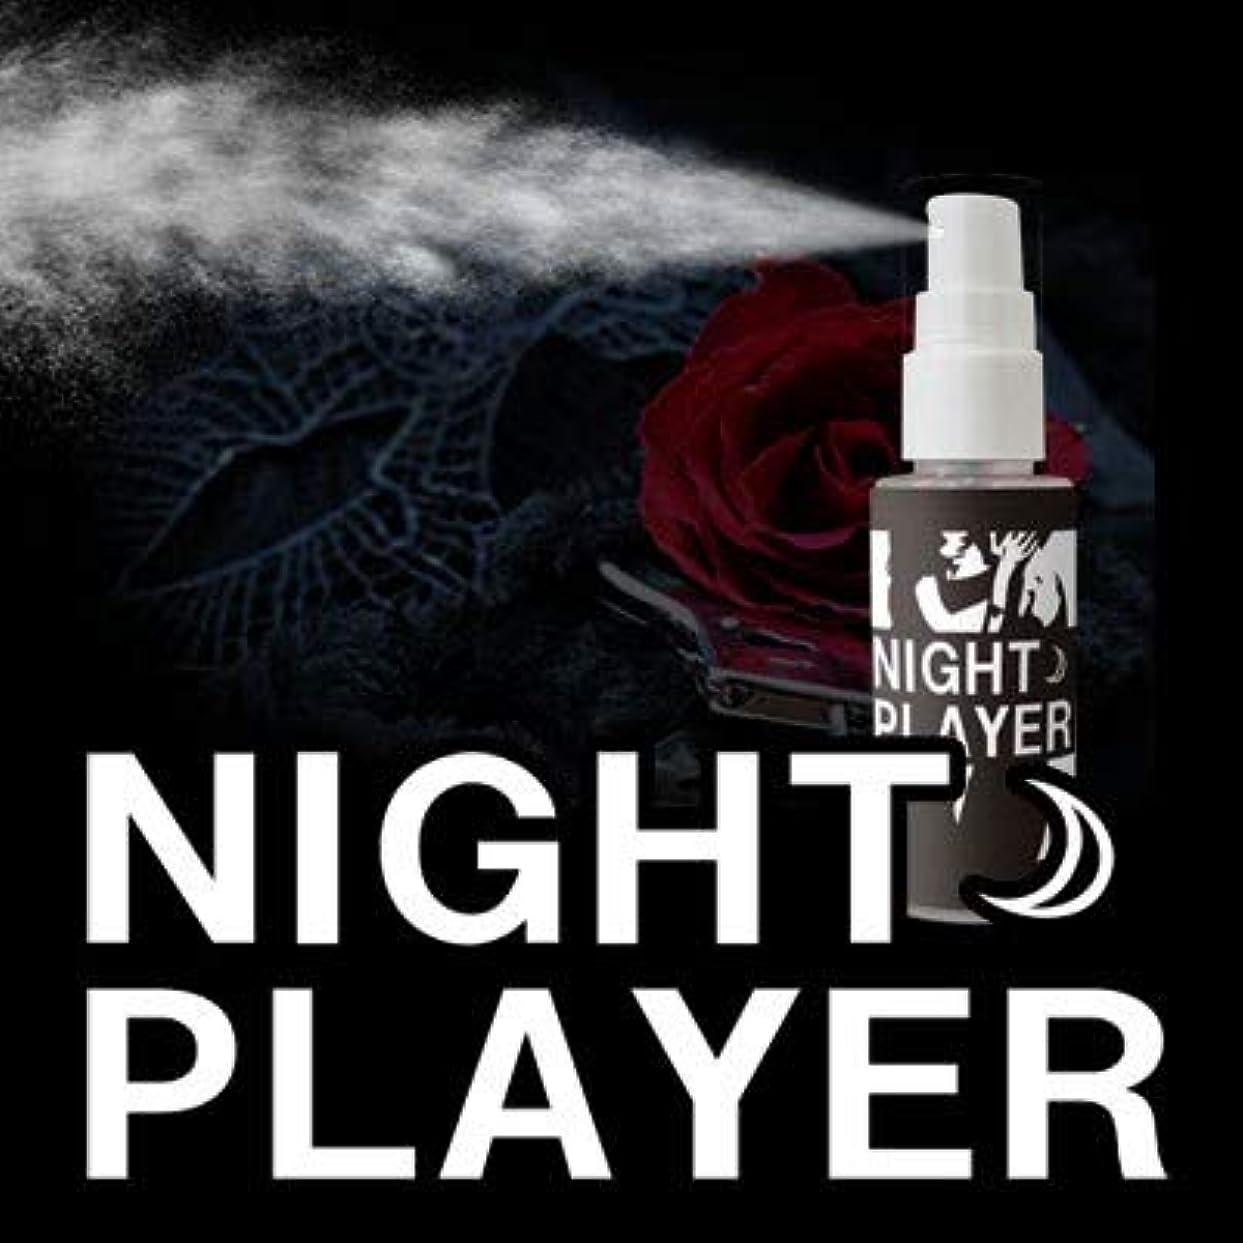 純正案件階NIGHT PLAYER(ナイトプレイヤー)